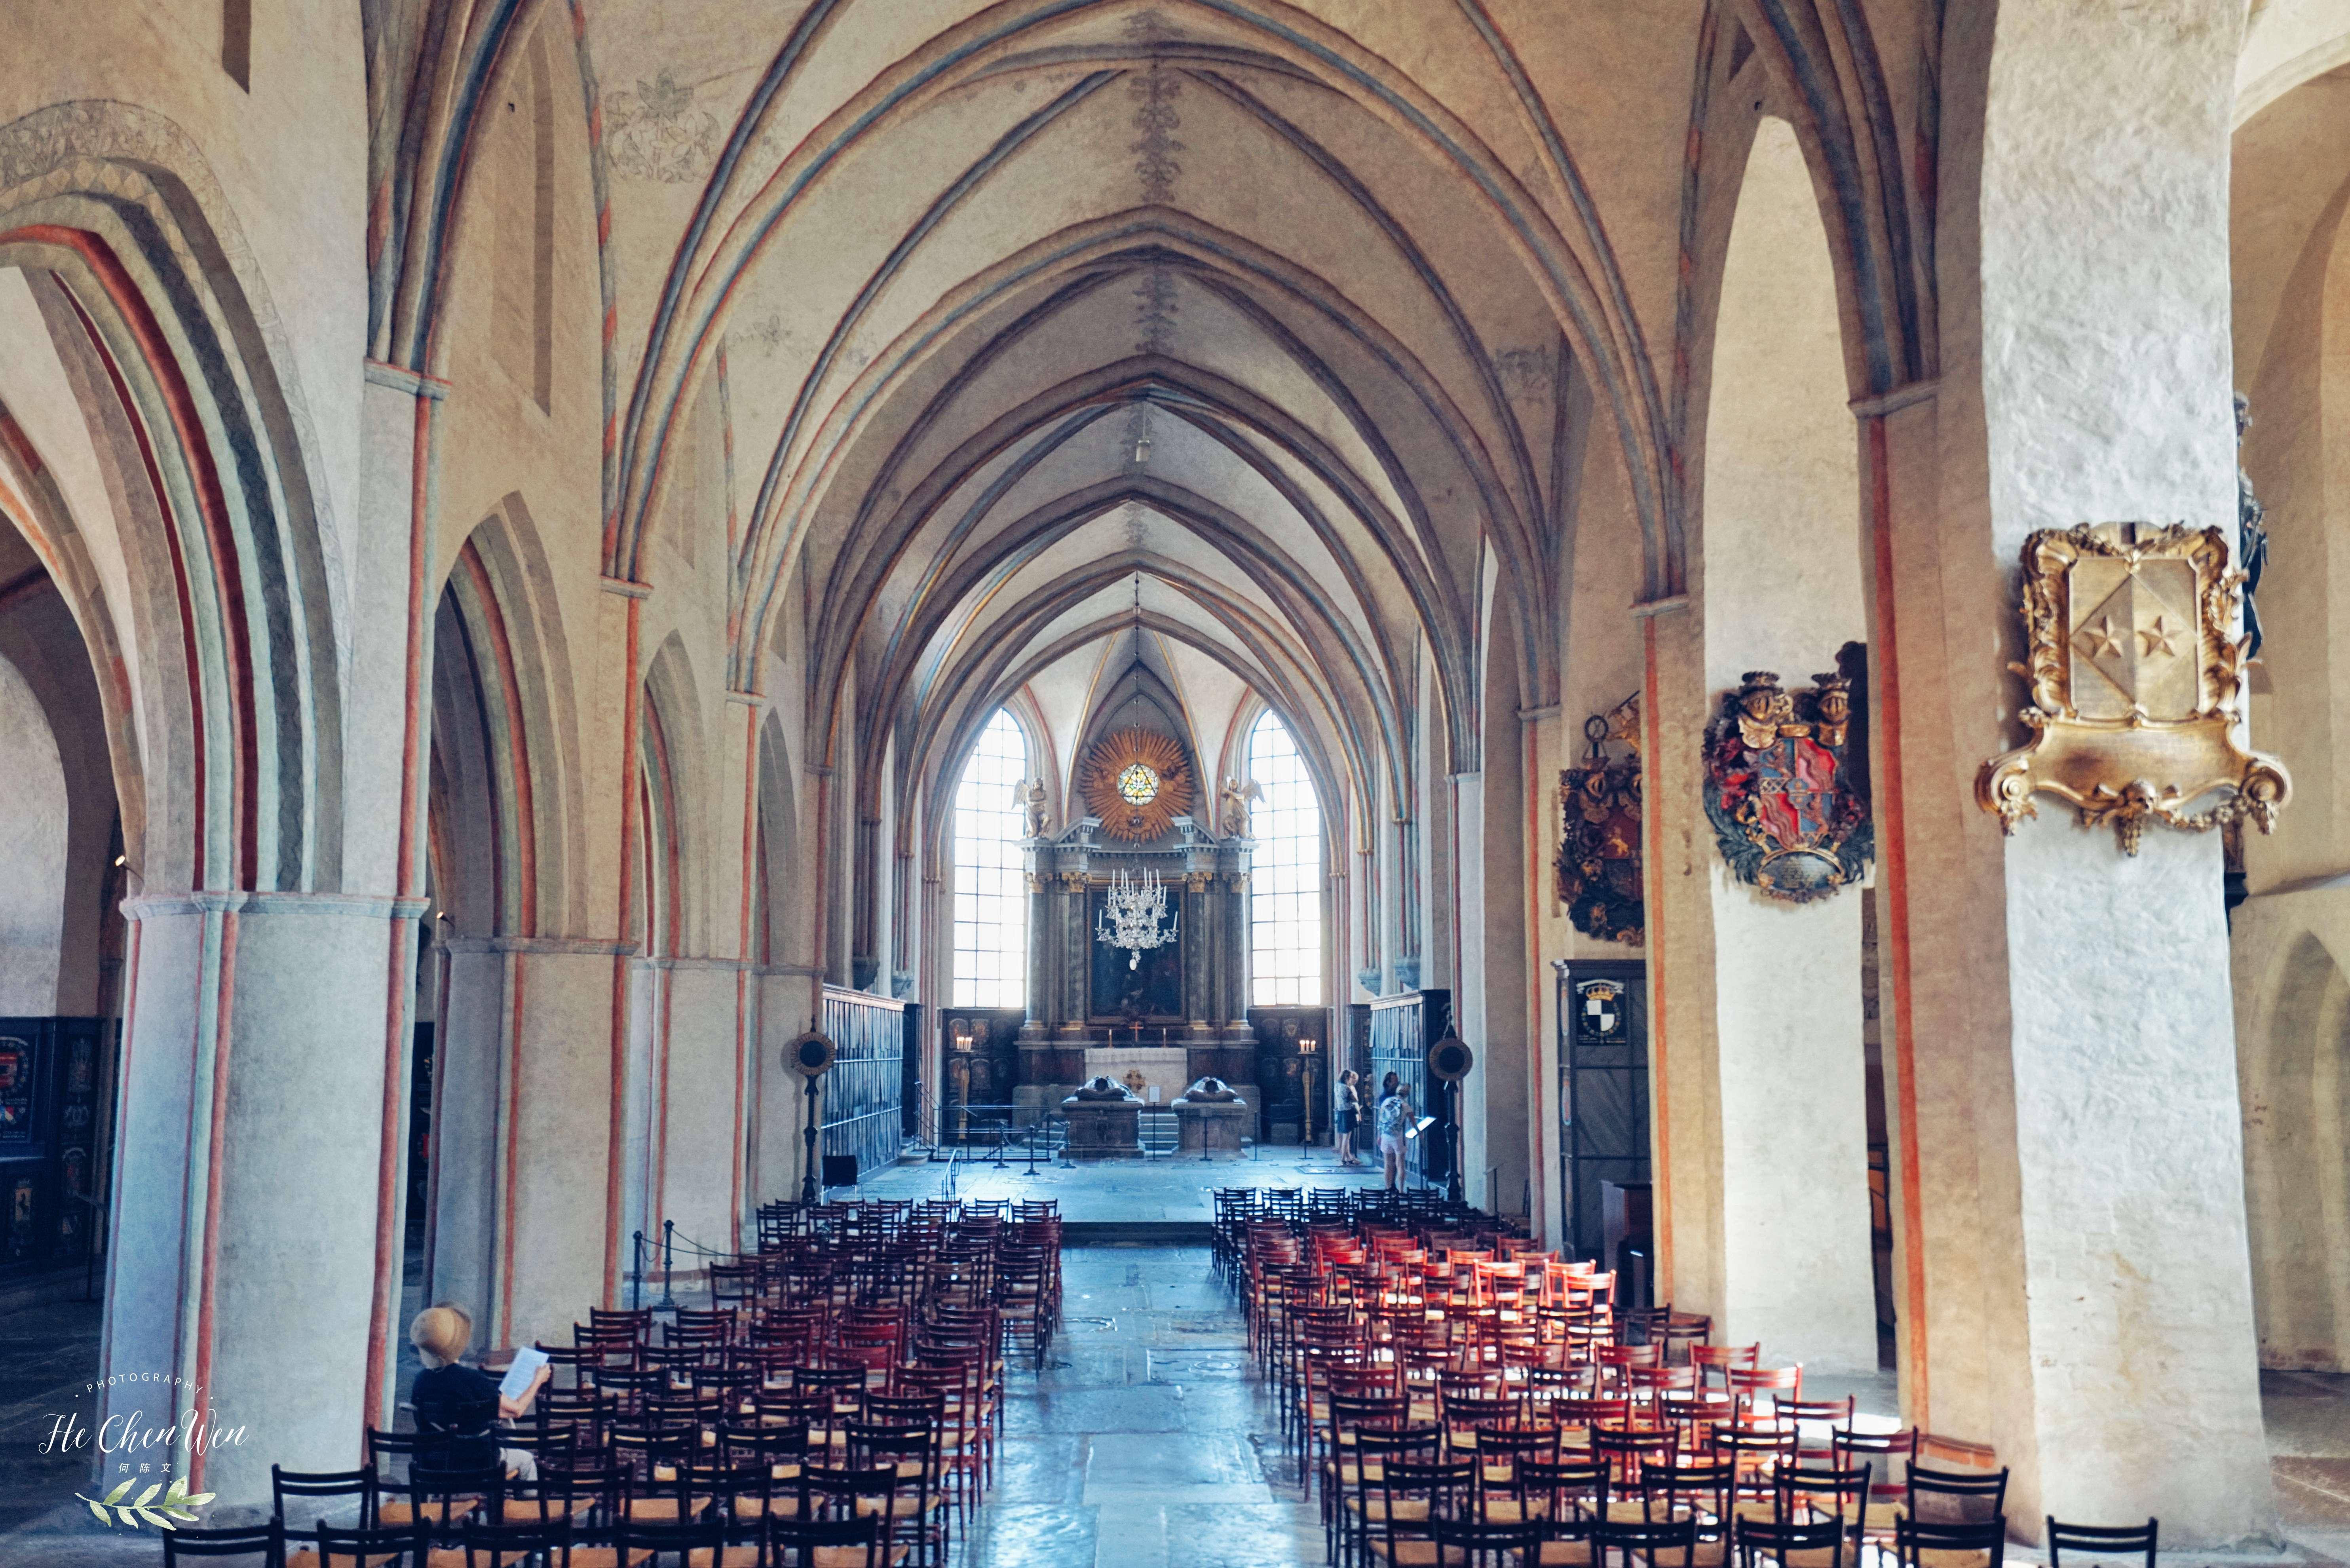 斯德哥尔摩最古老的教堂,瑞典公主在此结婚,也是国王加冕的地方